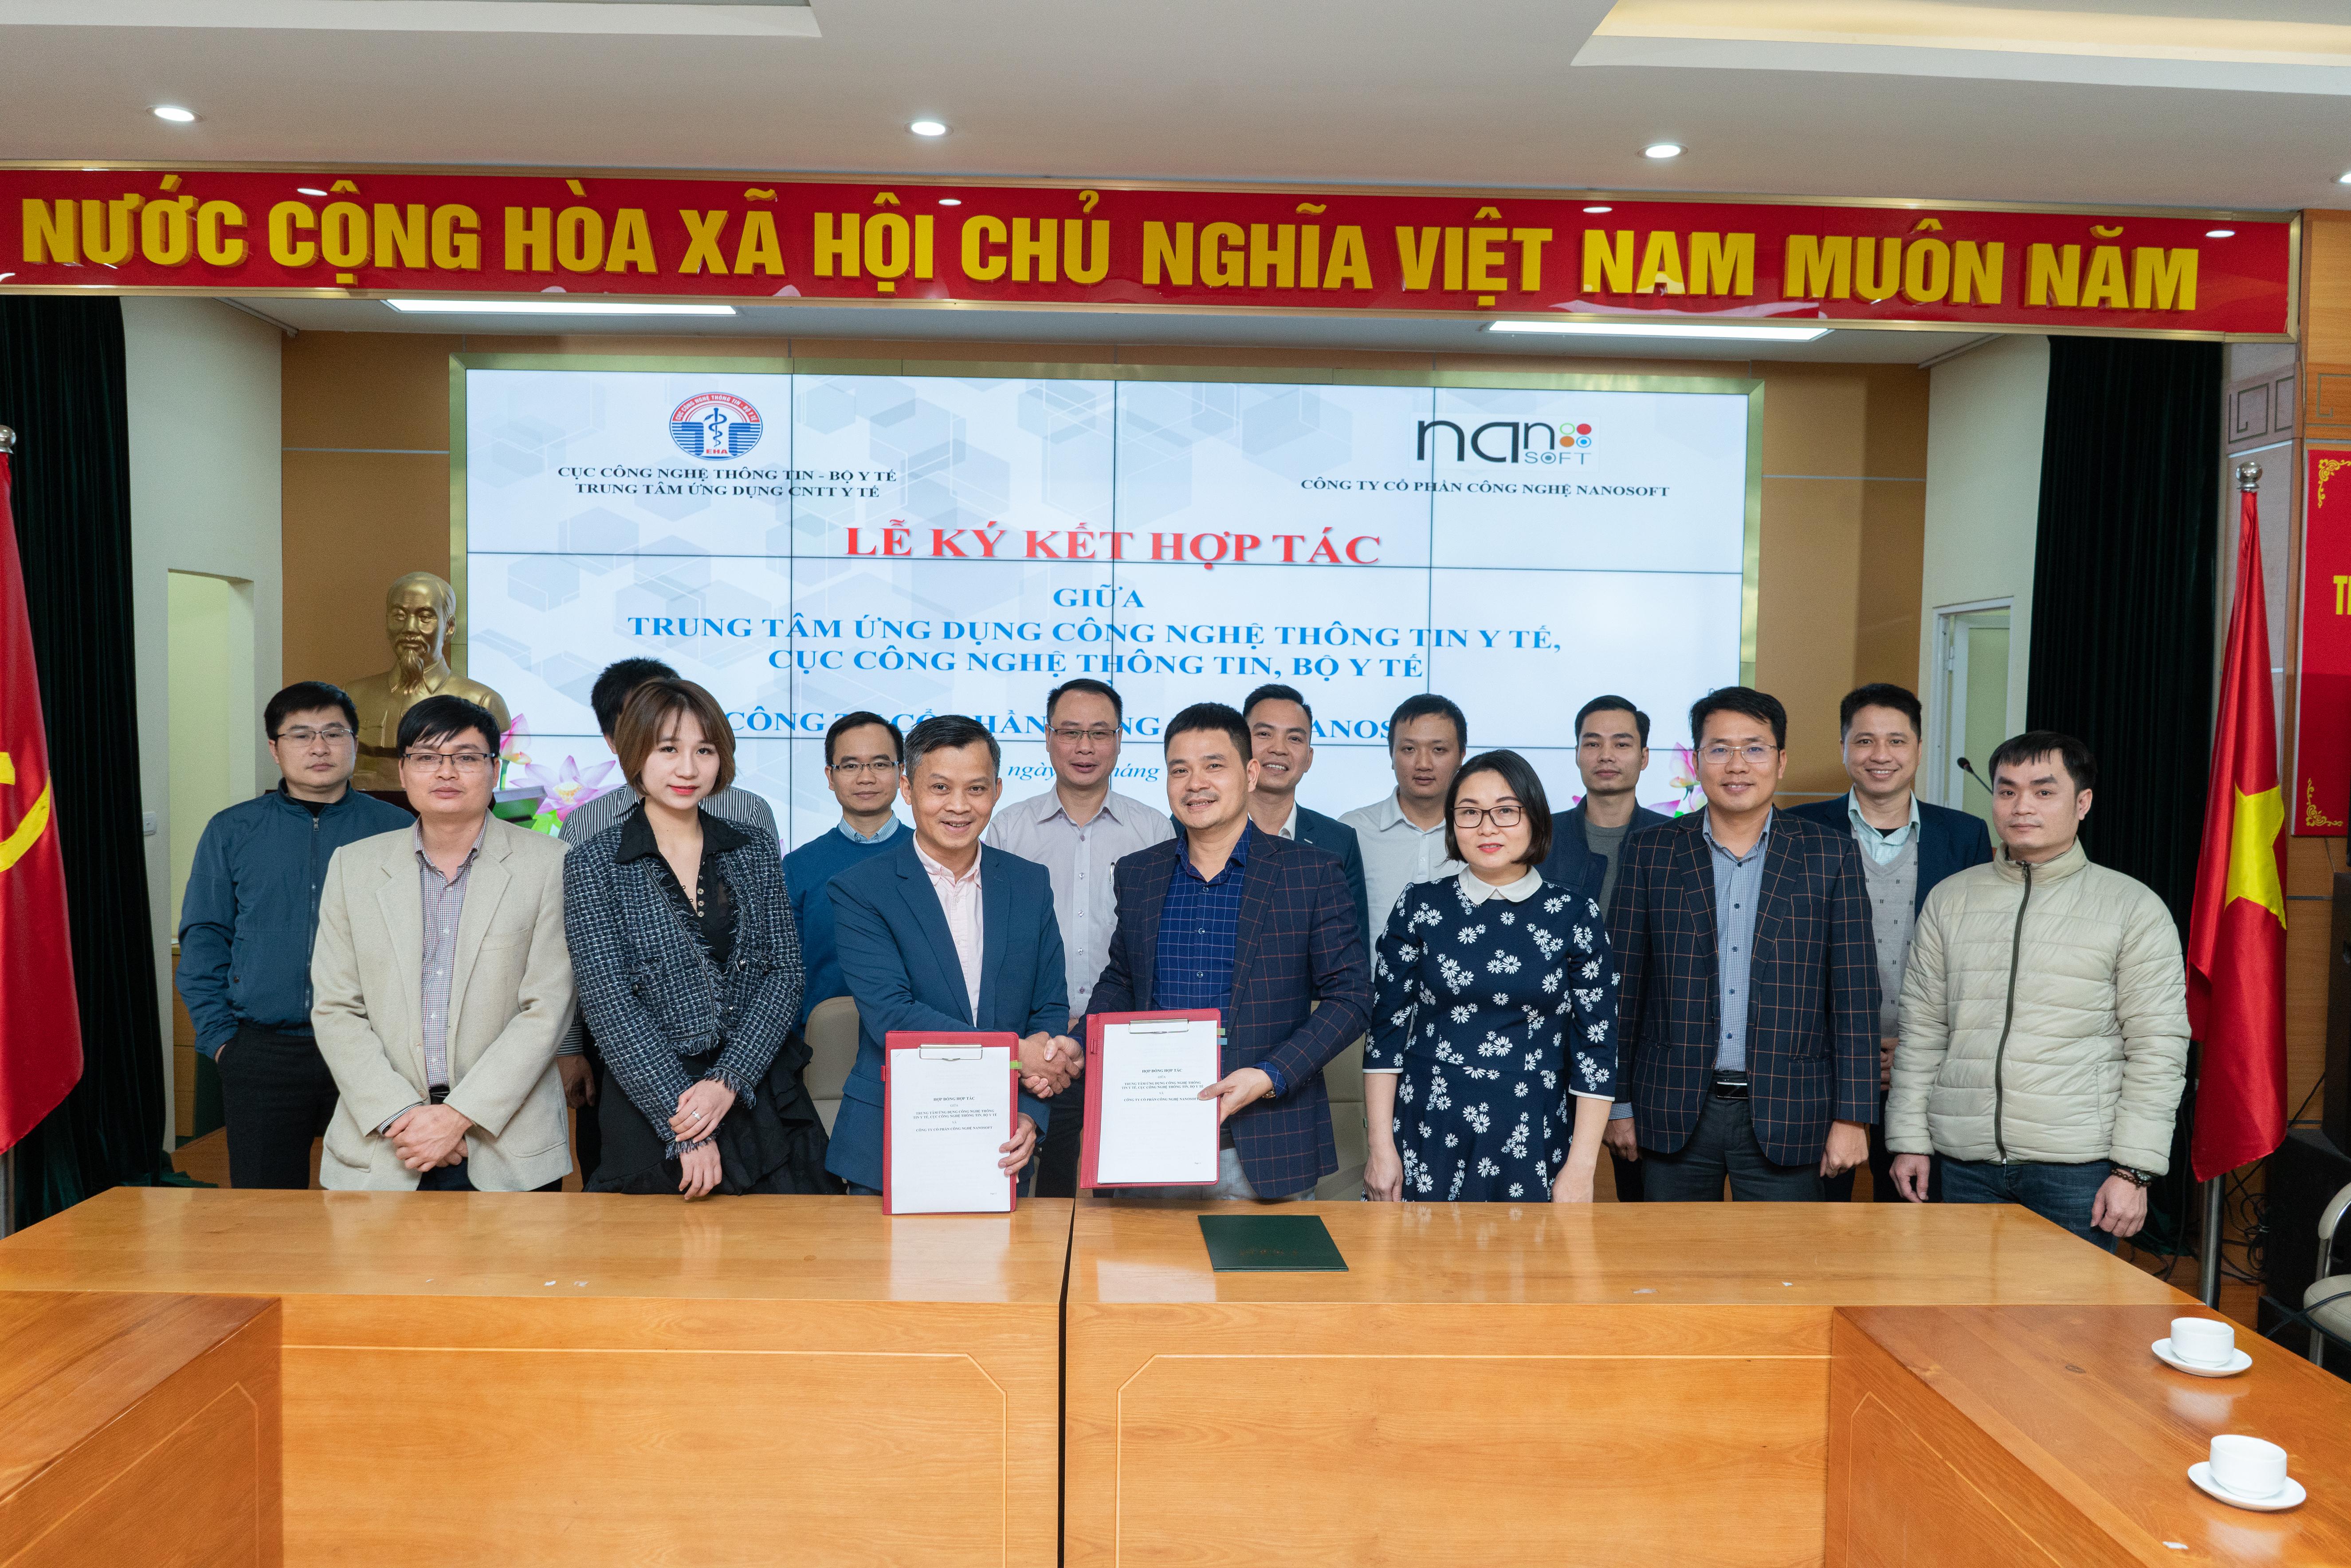 NANOSOFT hợp tác cùng Cục Công nghệ thông tin – Bộ y tế